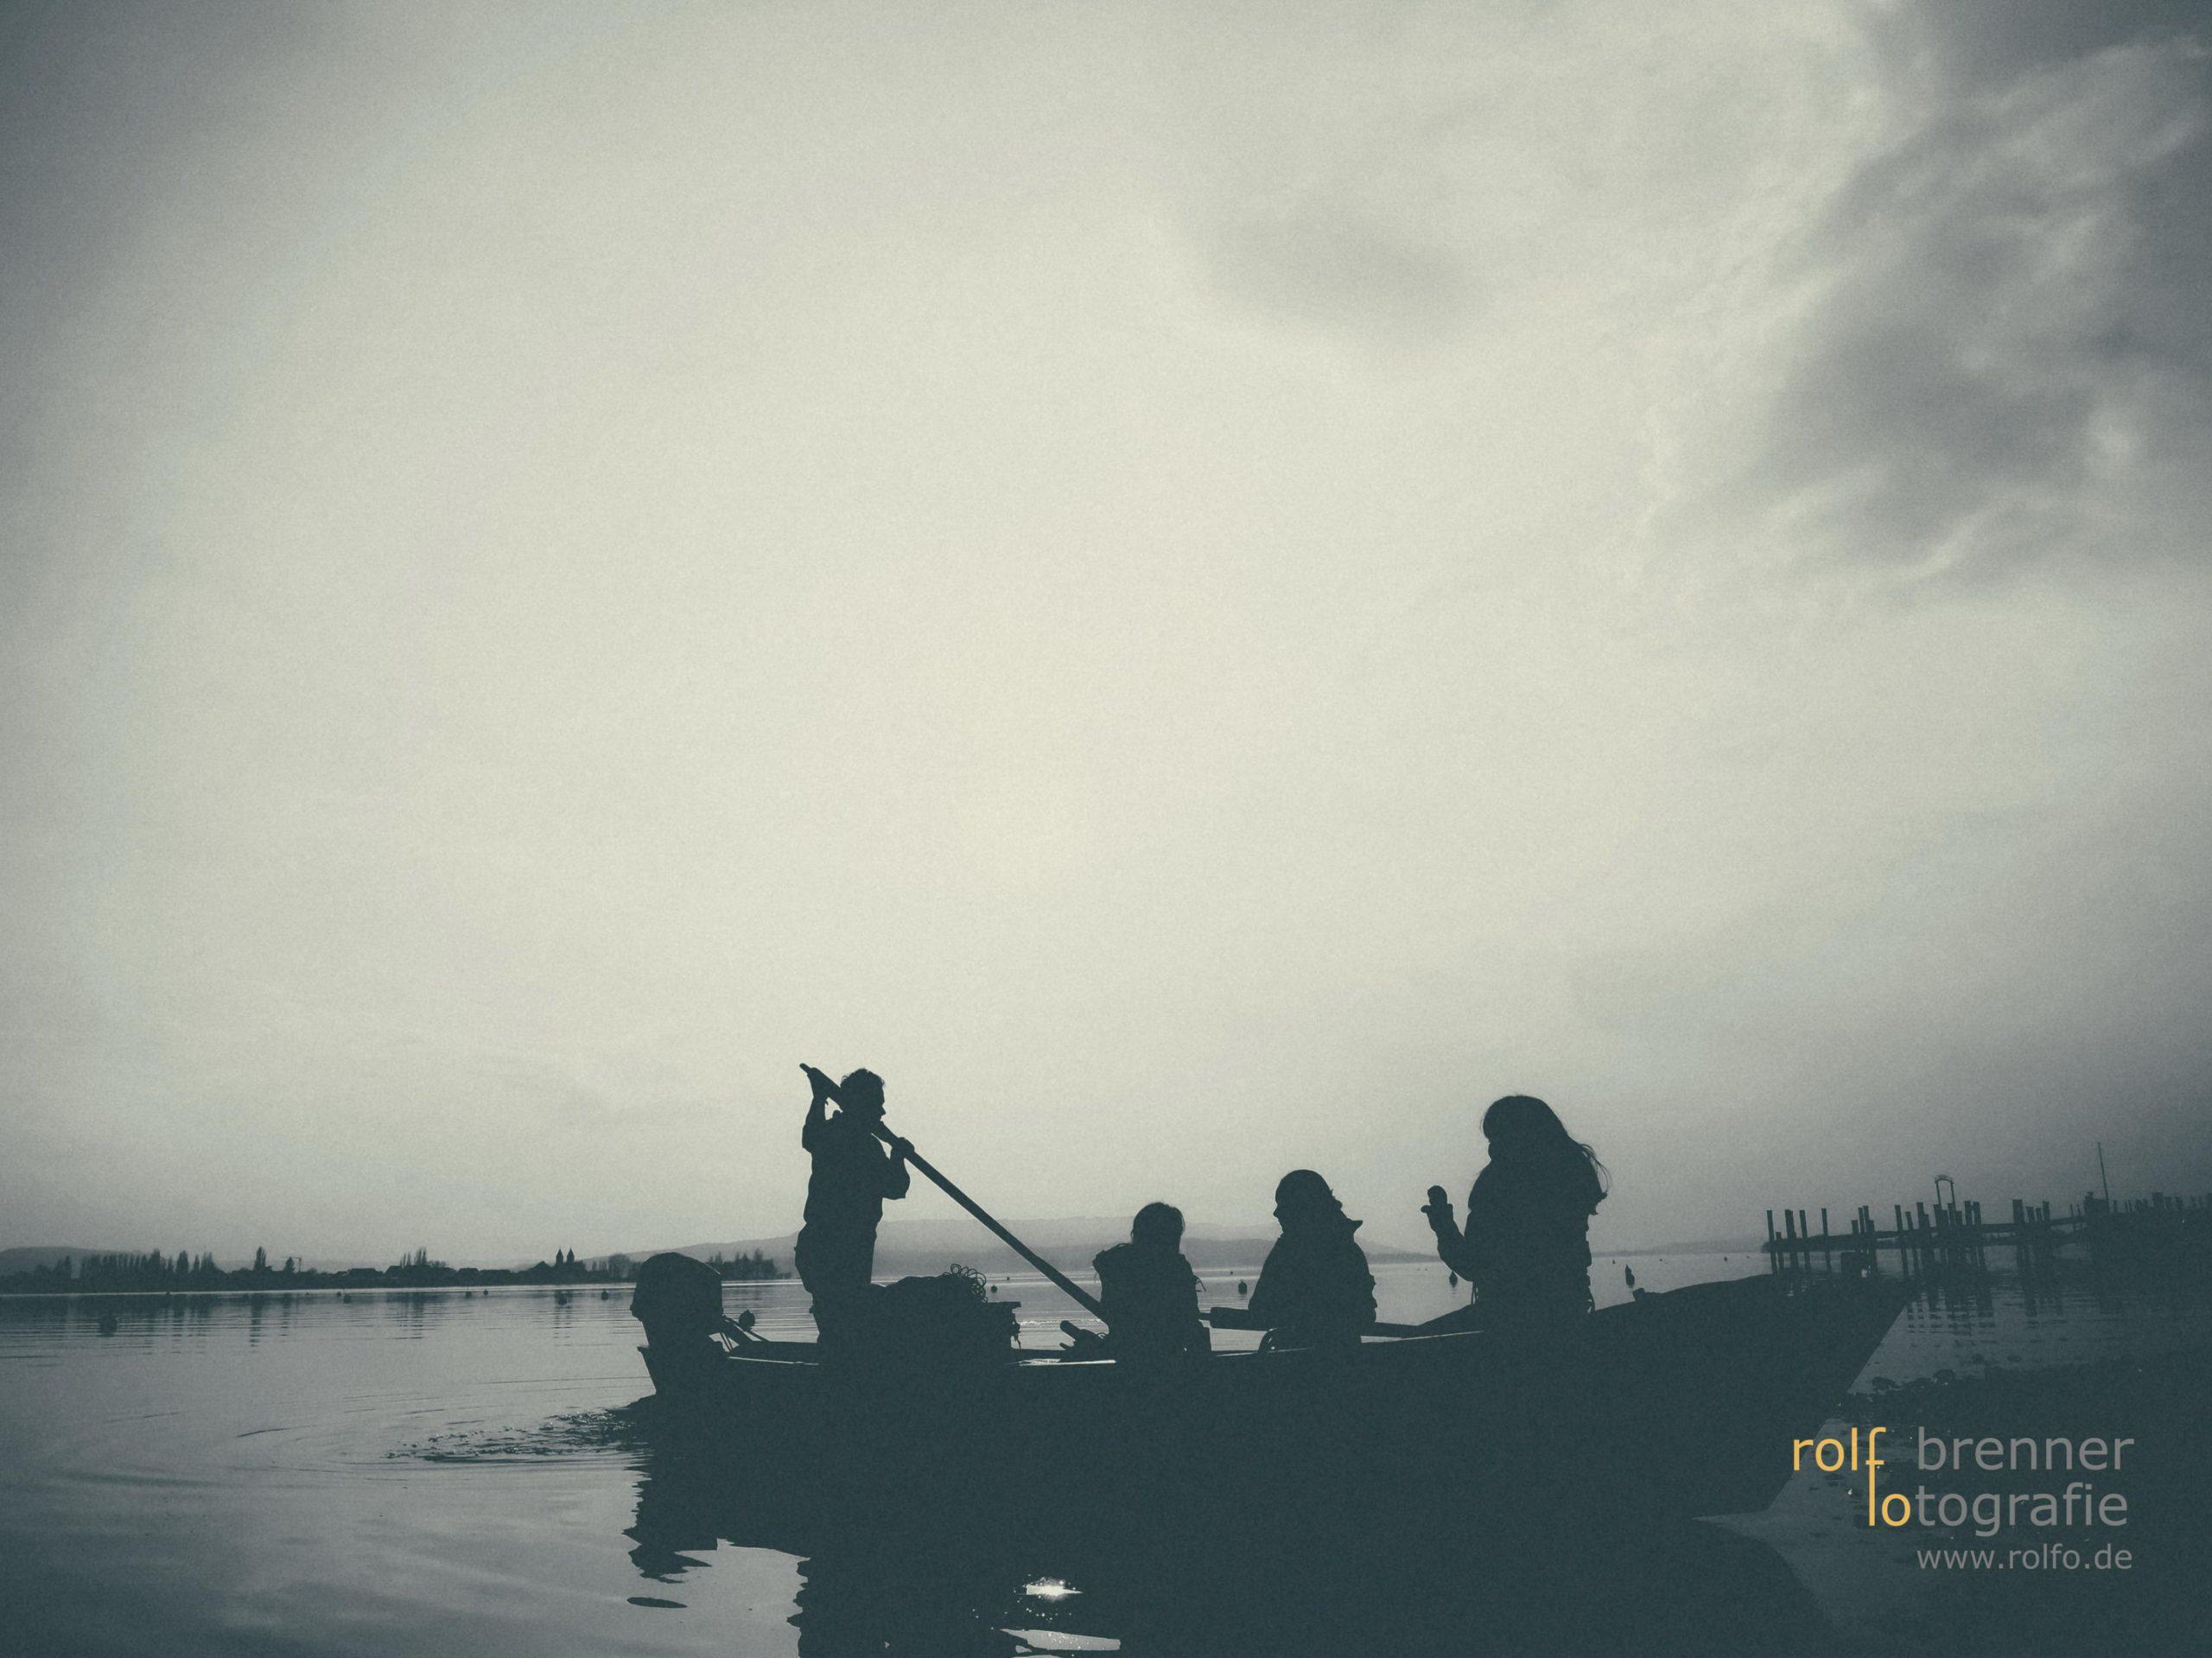 Fischerboot und junge Gäste in Allensbach am Bodensee